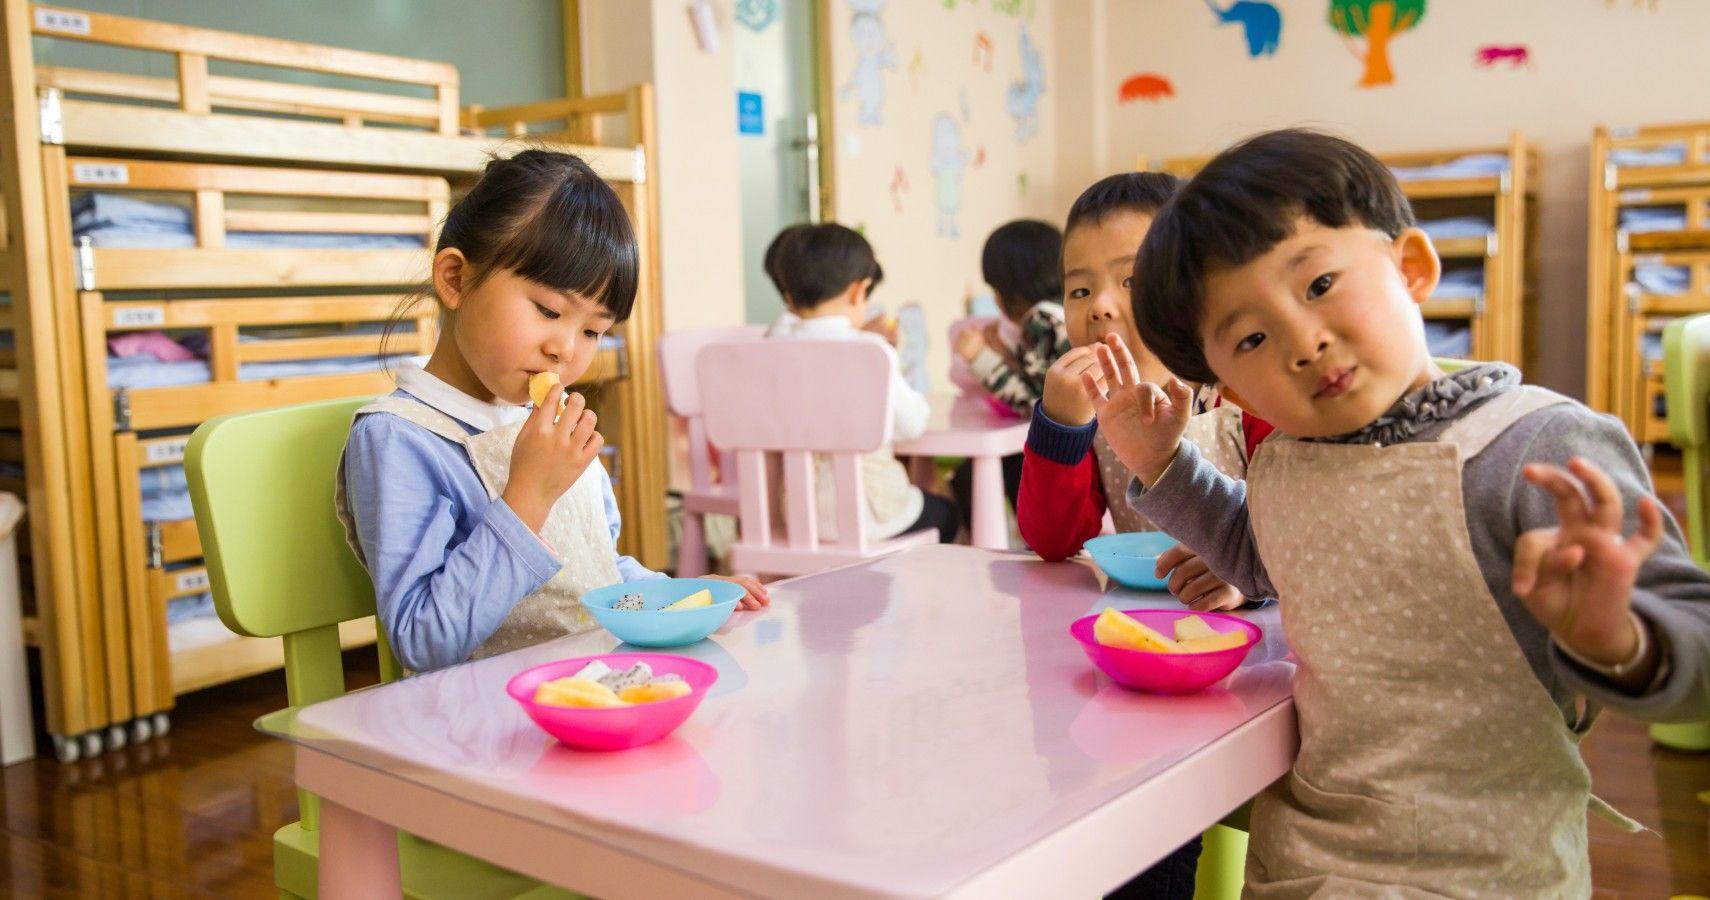 Dinh dưỡng cần thiết cho các bé học tiểu học mà phụ huynh nên biết